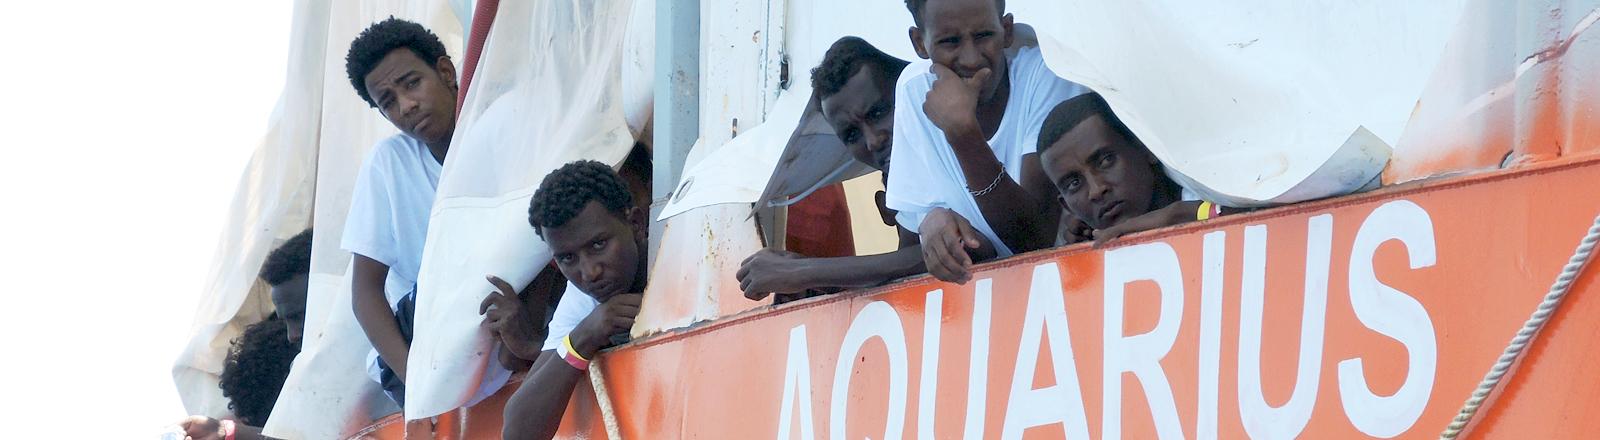 Schwarze Männer schauen aus einem Boot